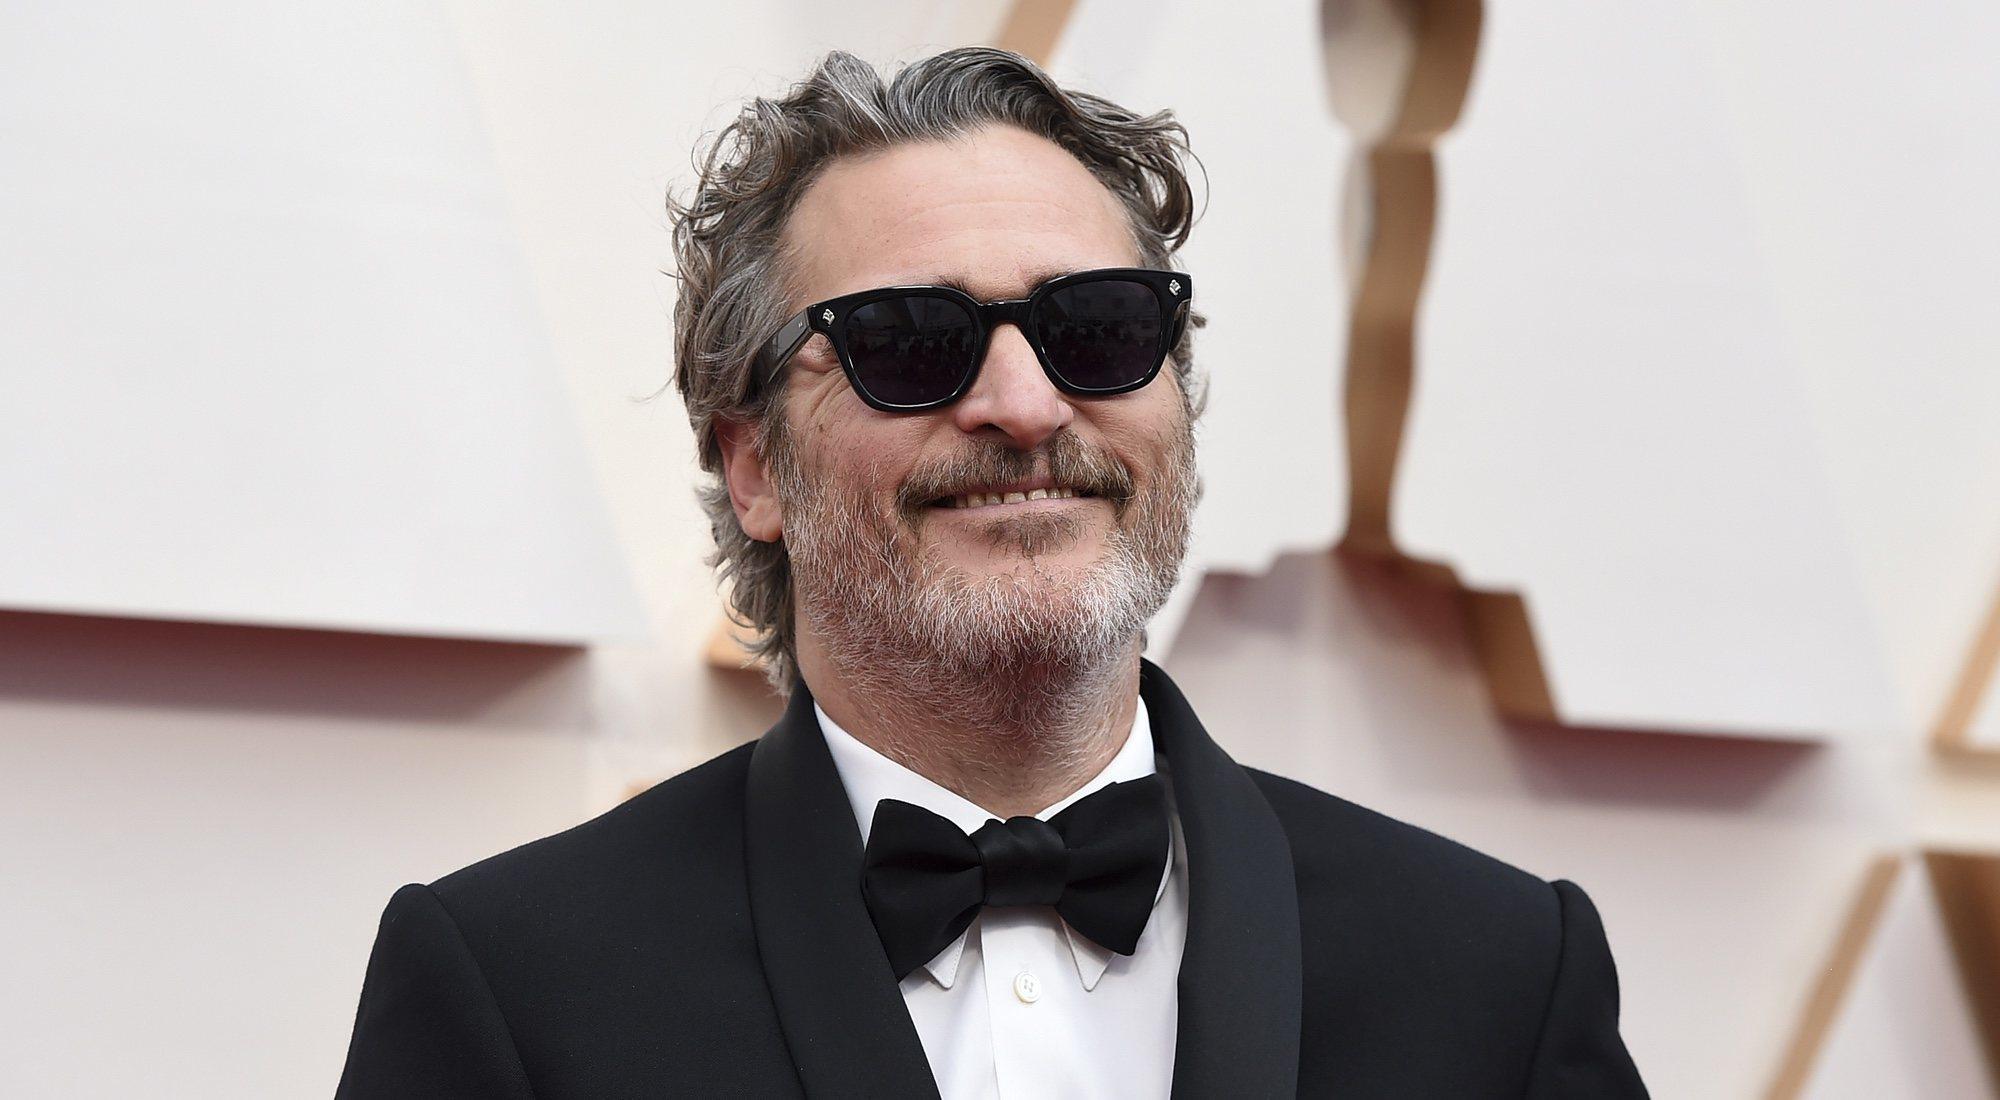 El discurso de Joaquin Phoenix en los Oscar, o cómo ser el portavoz de tantas voces calladas